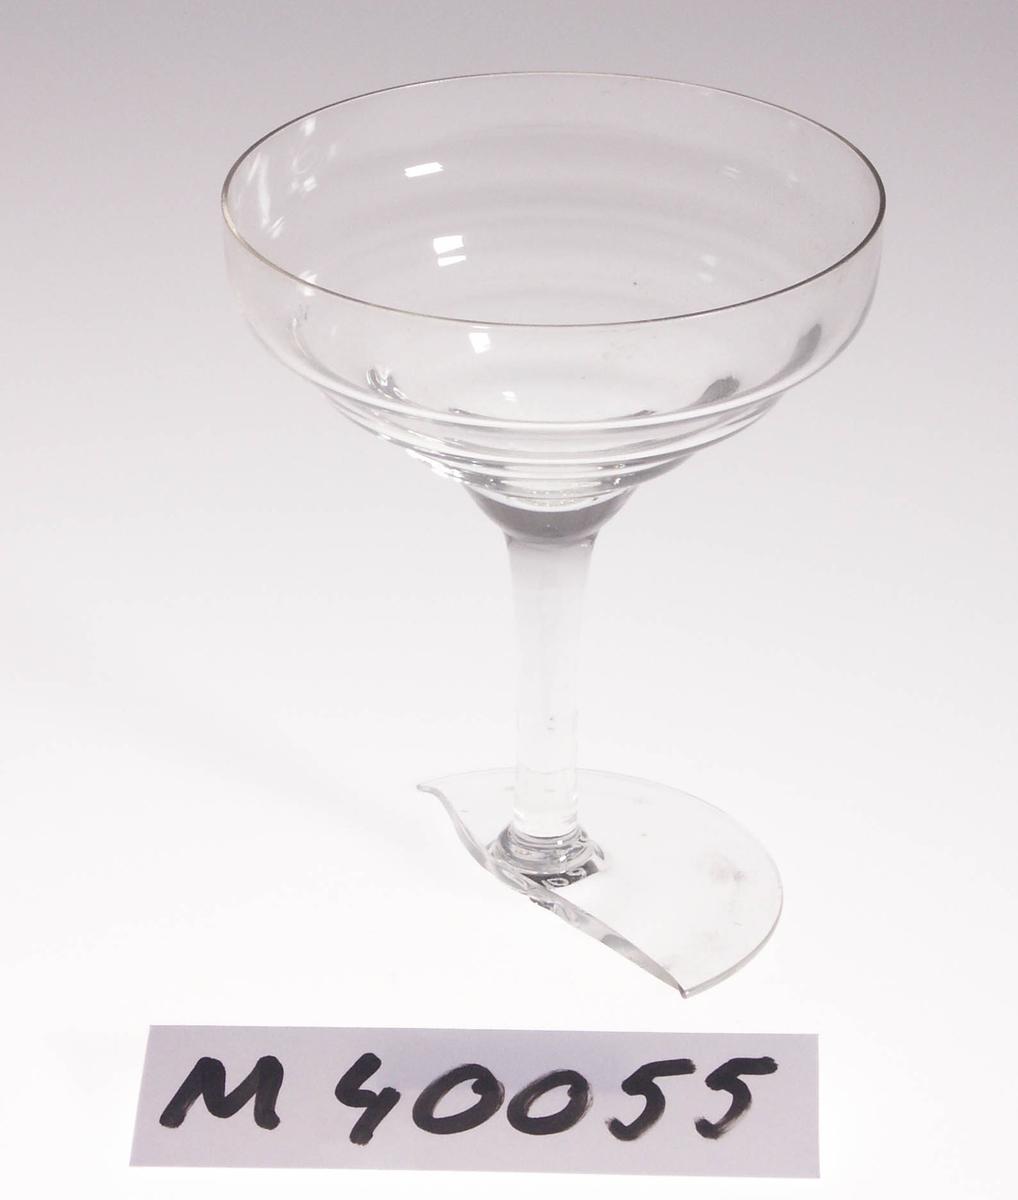 """Champagneglas.  Formgivet av William Stenberg. Ritat 1933-1936. Vågig kupa och stråben. Ofärgat klarglas. Ovan angivna mått avser övre diameter. Fotdiameter: 75 mm. Etikett med text. Se """"Signering, märkning"""" ovan. Inskrivet i huvudkatalogen 1980.  William Stenberg (1885-1961), disponent m.m., Gullaskruv.  SAKNAS. 2013-03-04 Funktion: Champagneskål"""